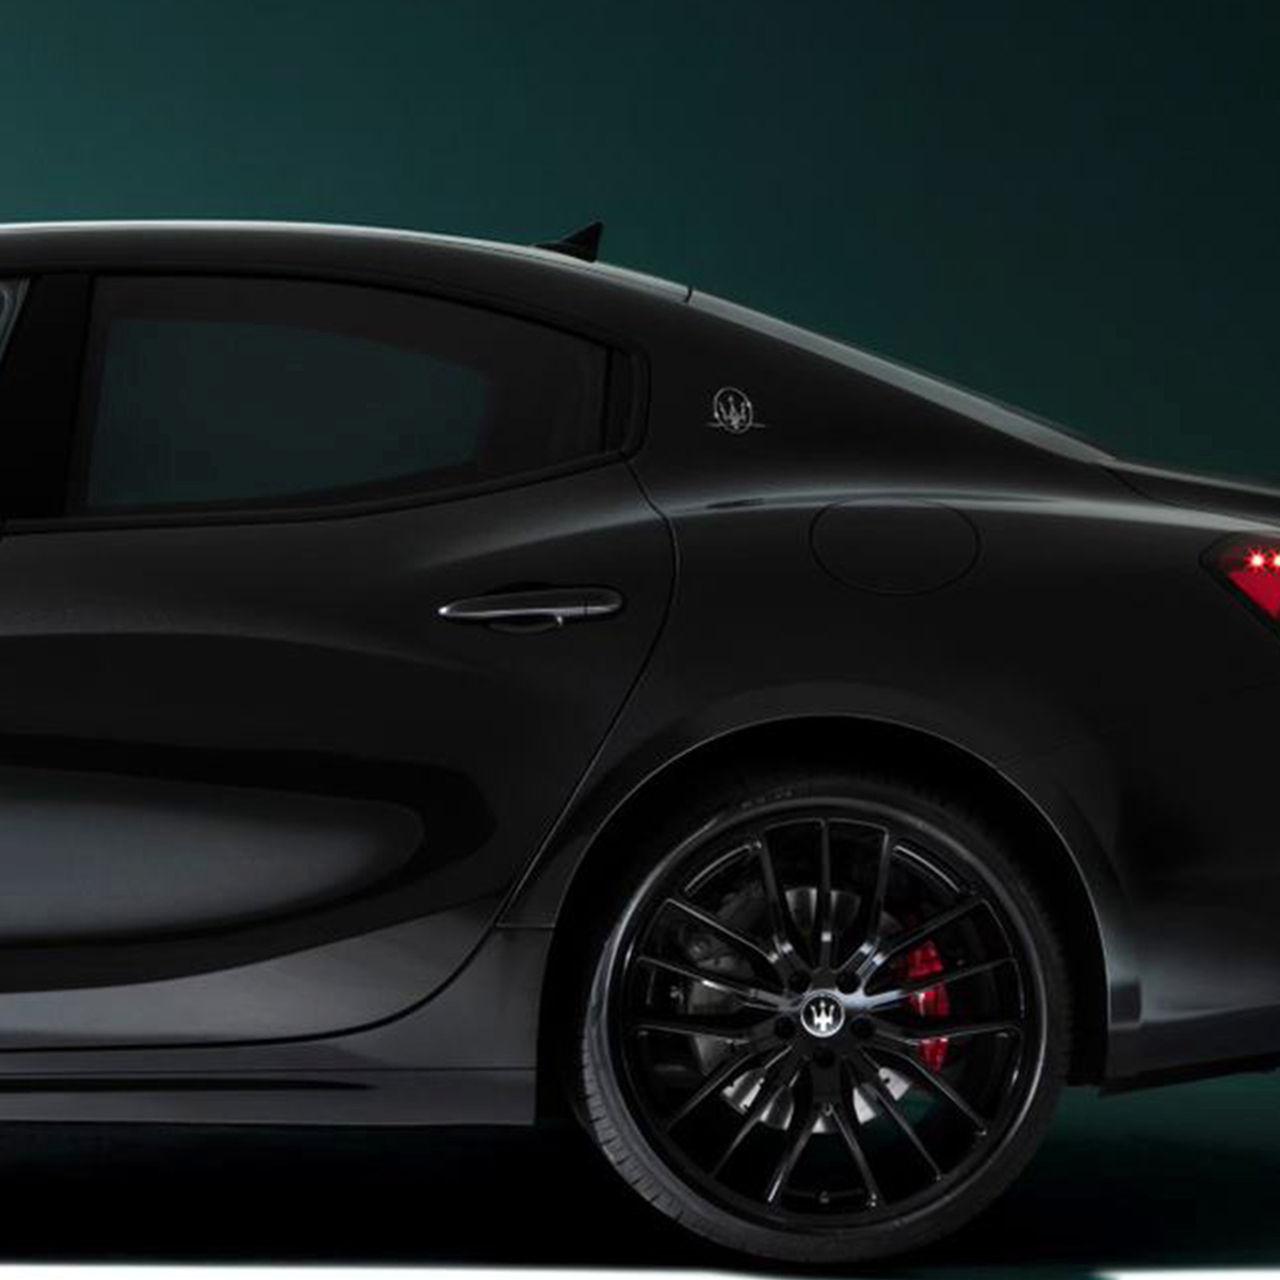 Maserati Ghibli - Soft-Close-Türen und Keyless-System - Seitenansicht